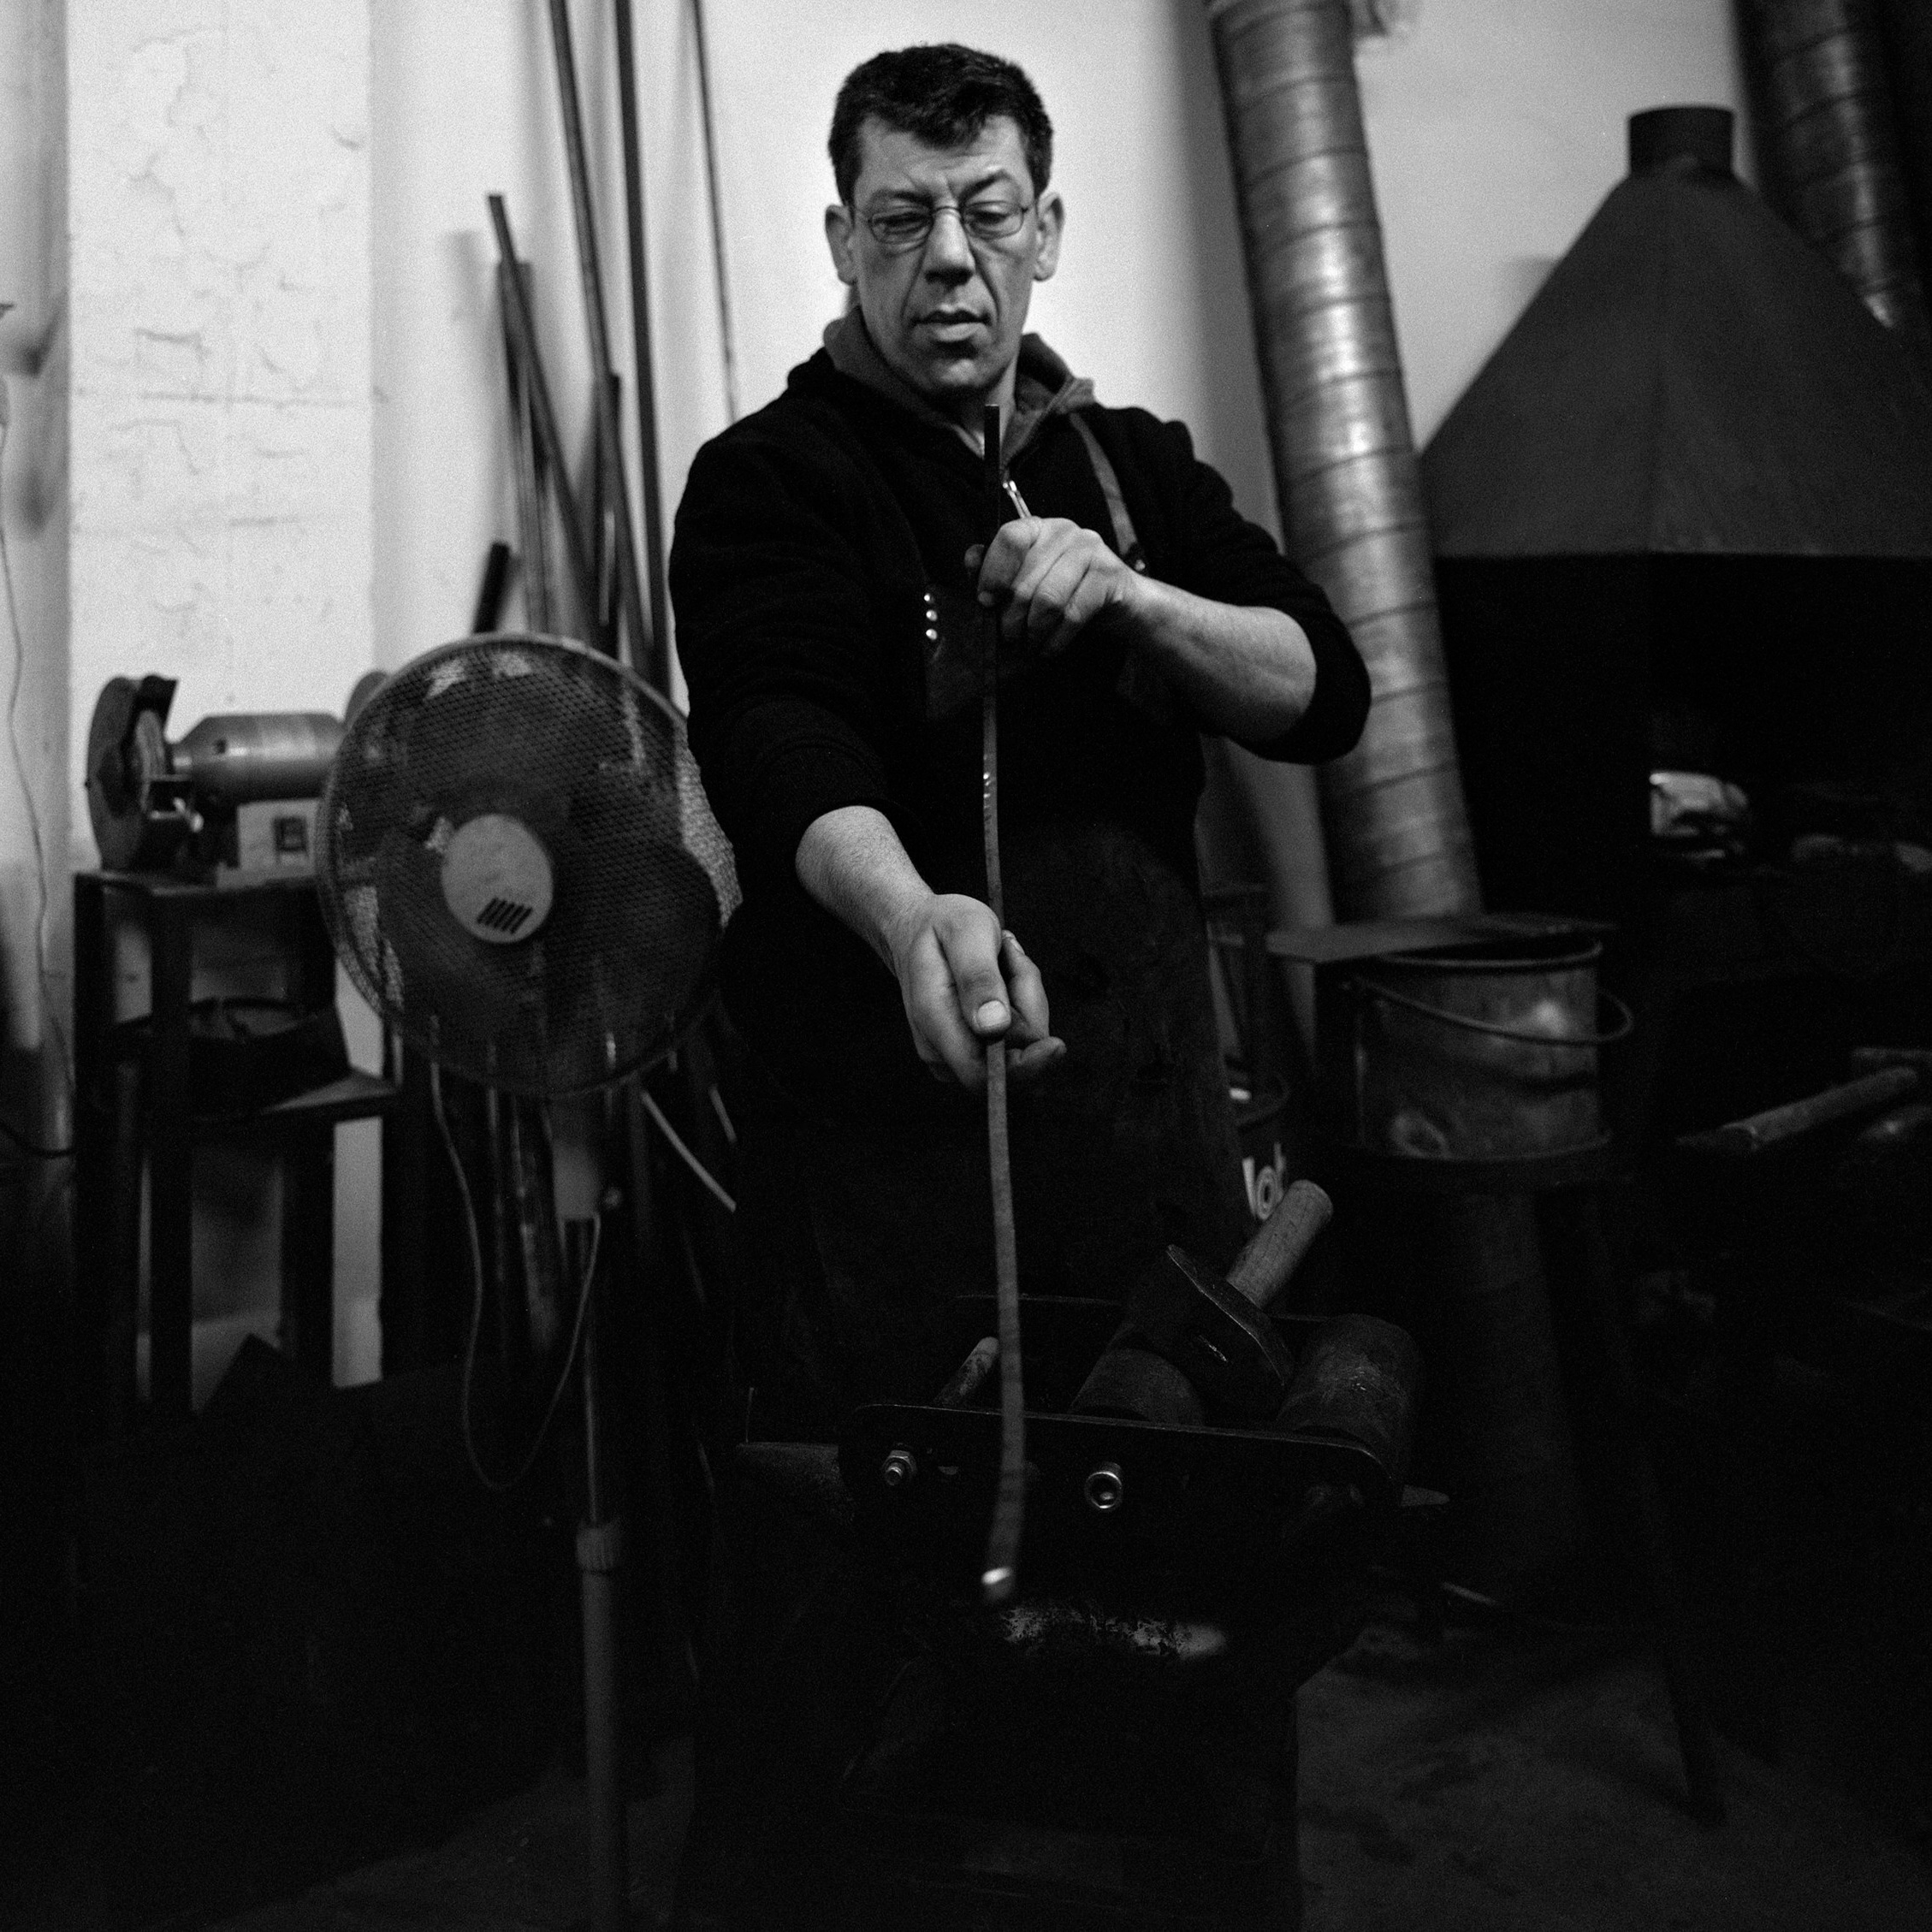 Martin Rommelaere - Né en 1969 d'un famille d'artisans chevronnés, Martin découvre la ferronnerie à l'adolescence, passion qui ne le quittera plus dès lors. Après avoir acquis une solide experience dans son milieu professionnel, et continuant d'apprendre sans cesse de nouvelle technique, arrivé à l'âge de raison, Martin se lance dans la transmission. Rejoignez la Forge Tembo et apprenez un artisanat séculaire.